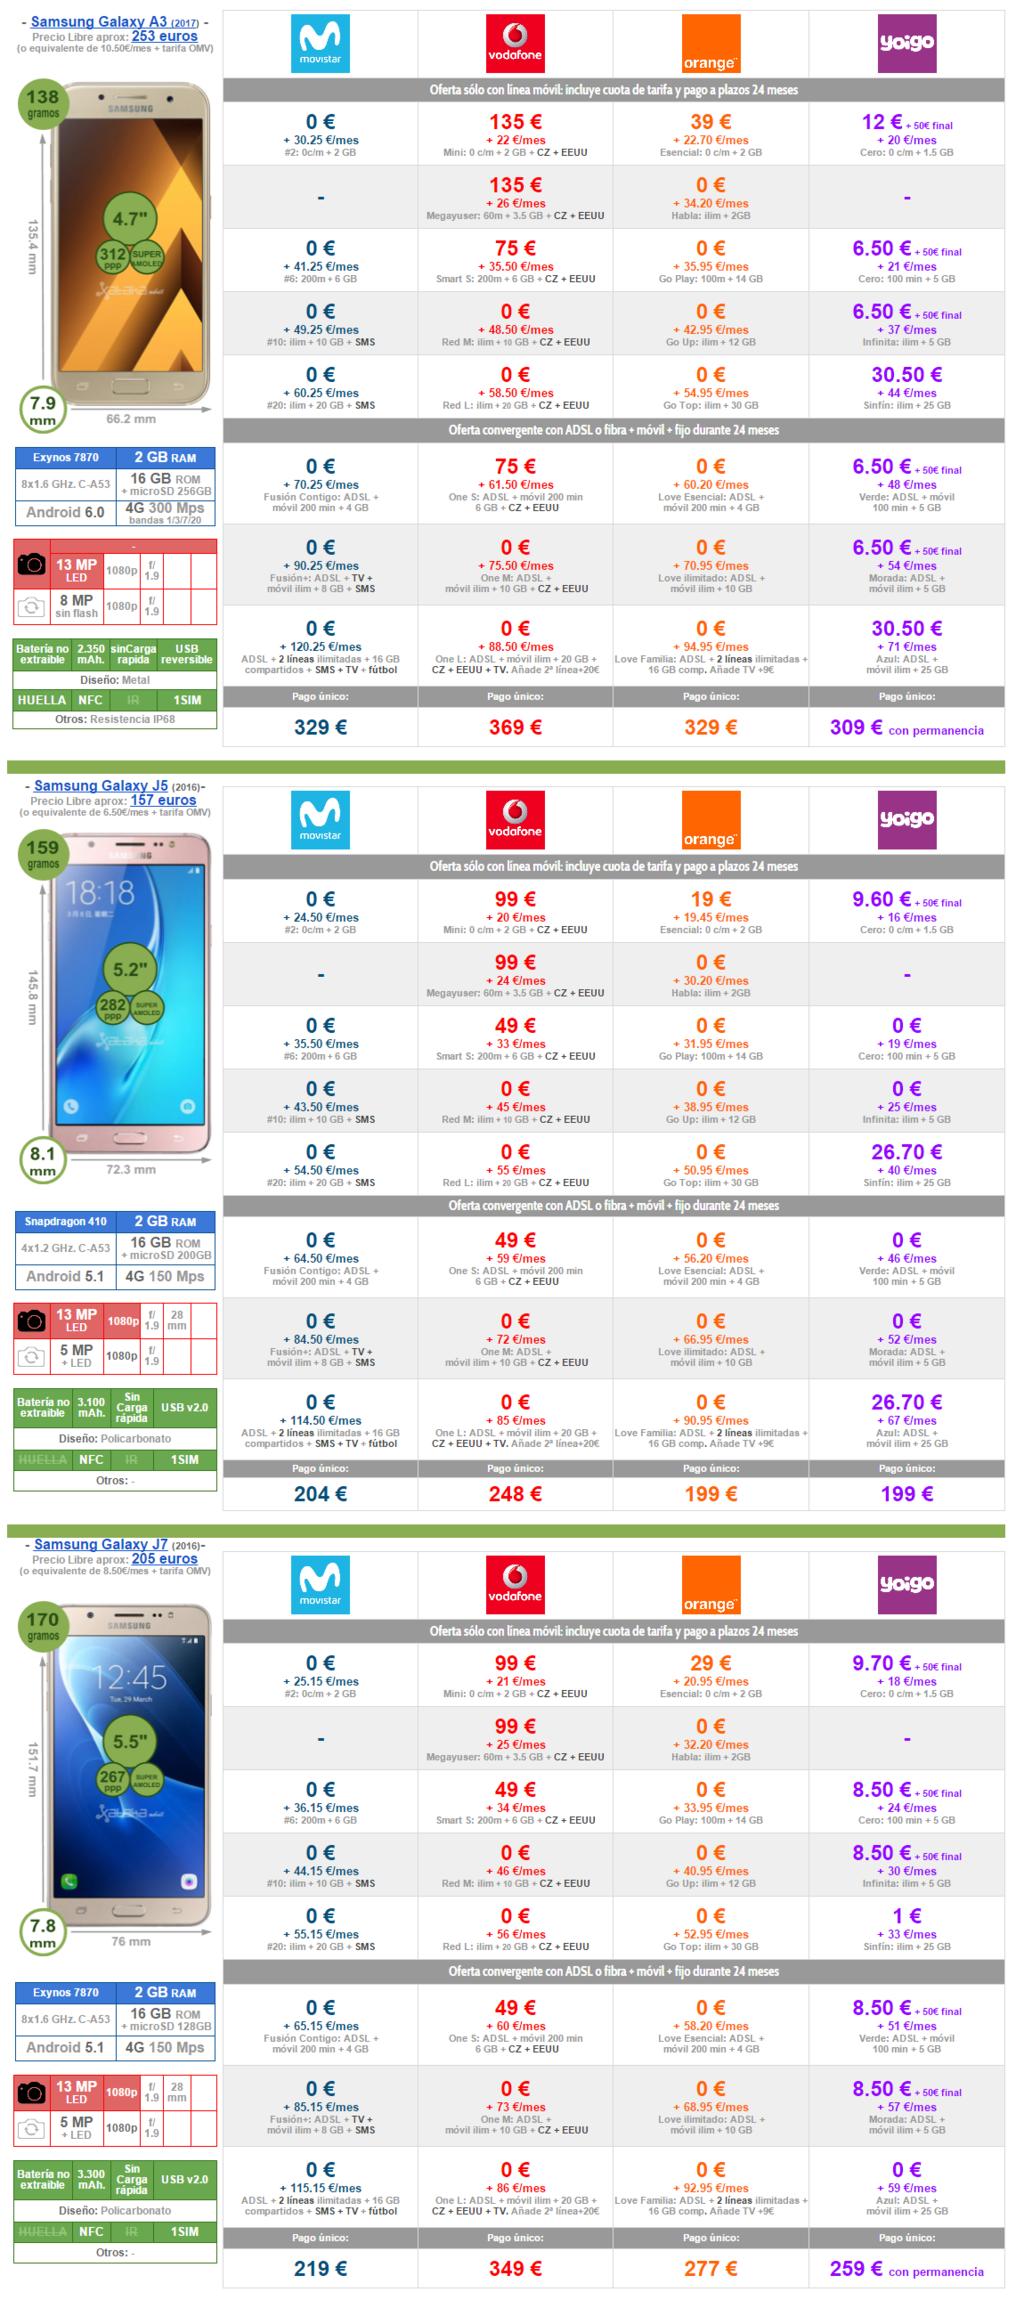 Mejor Precio Samsung™ Galaxy™ A3 Galaxy™ J5 Y Galaxy™ J7 Con Pago A Plazos